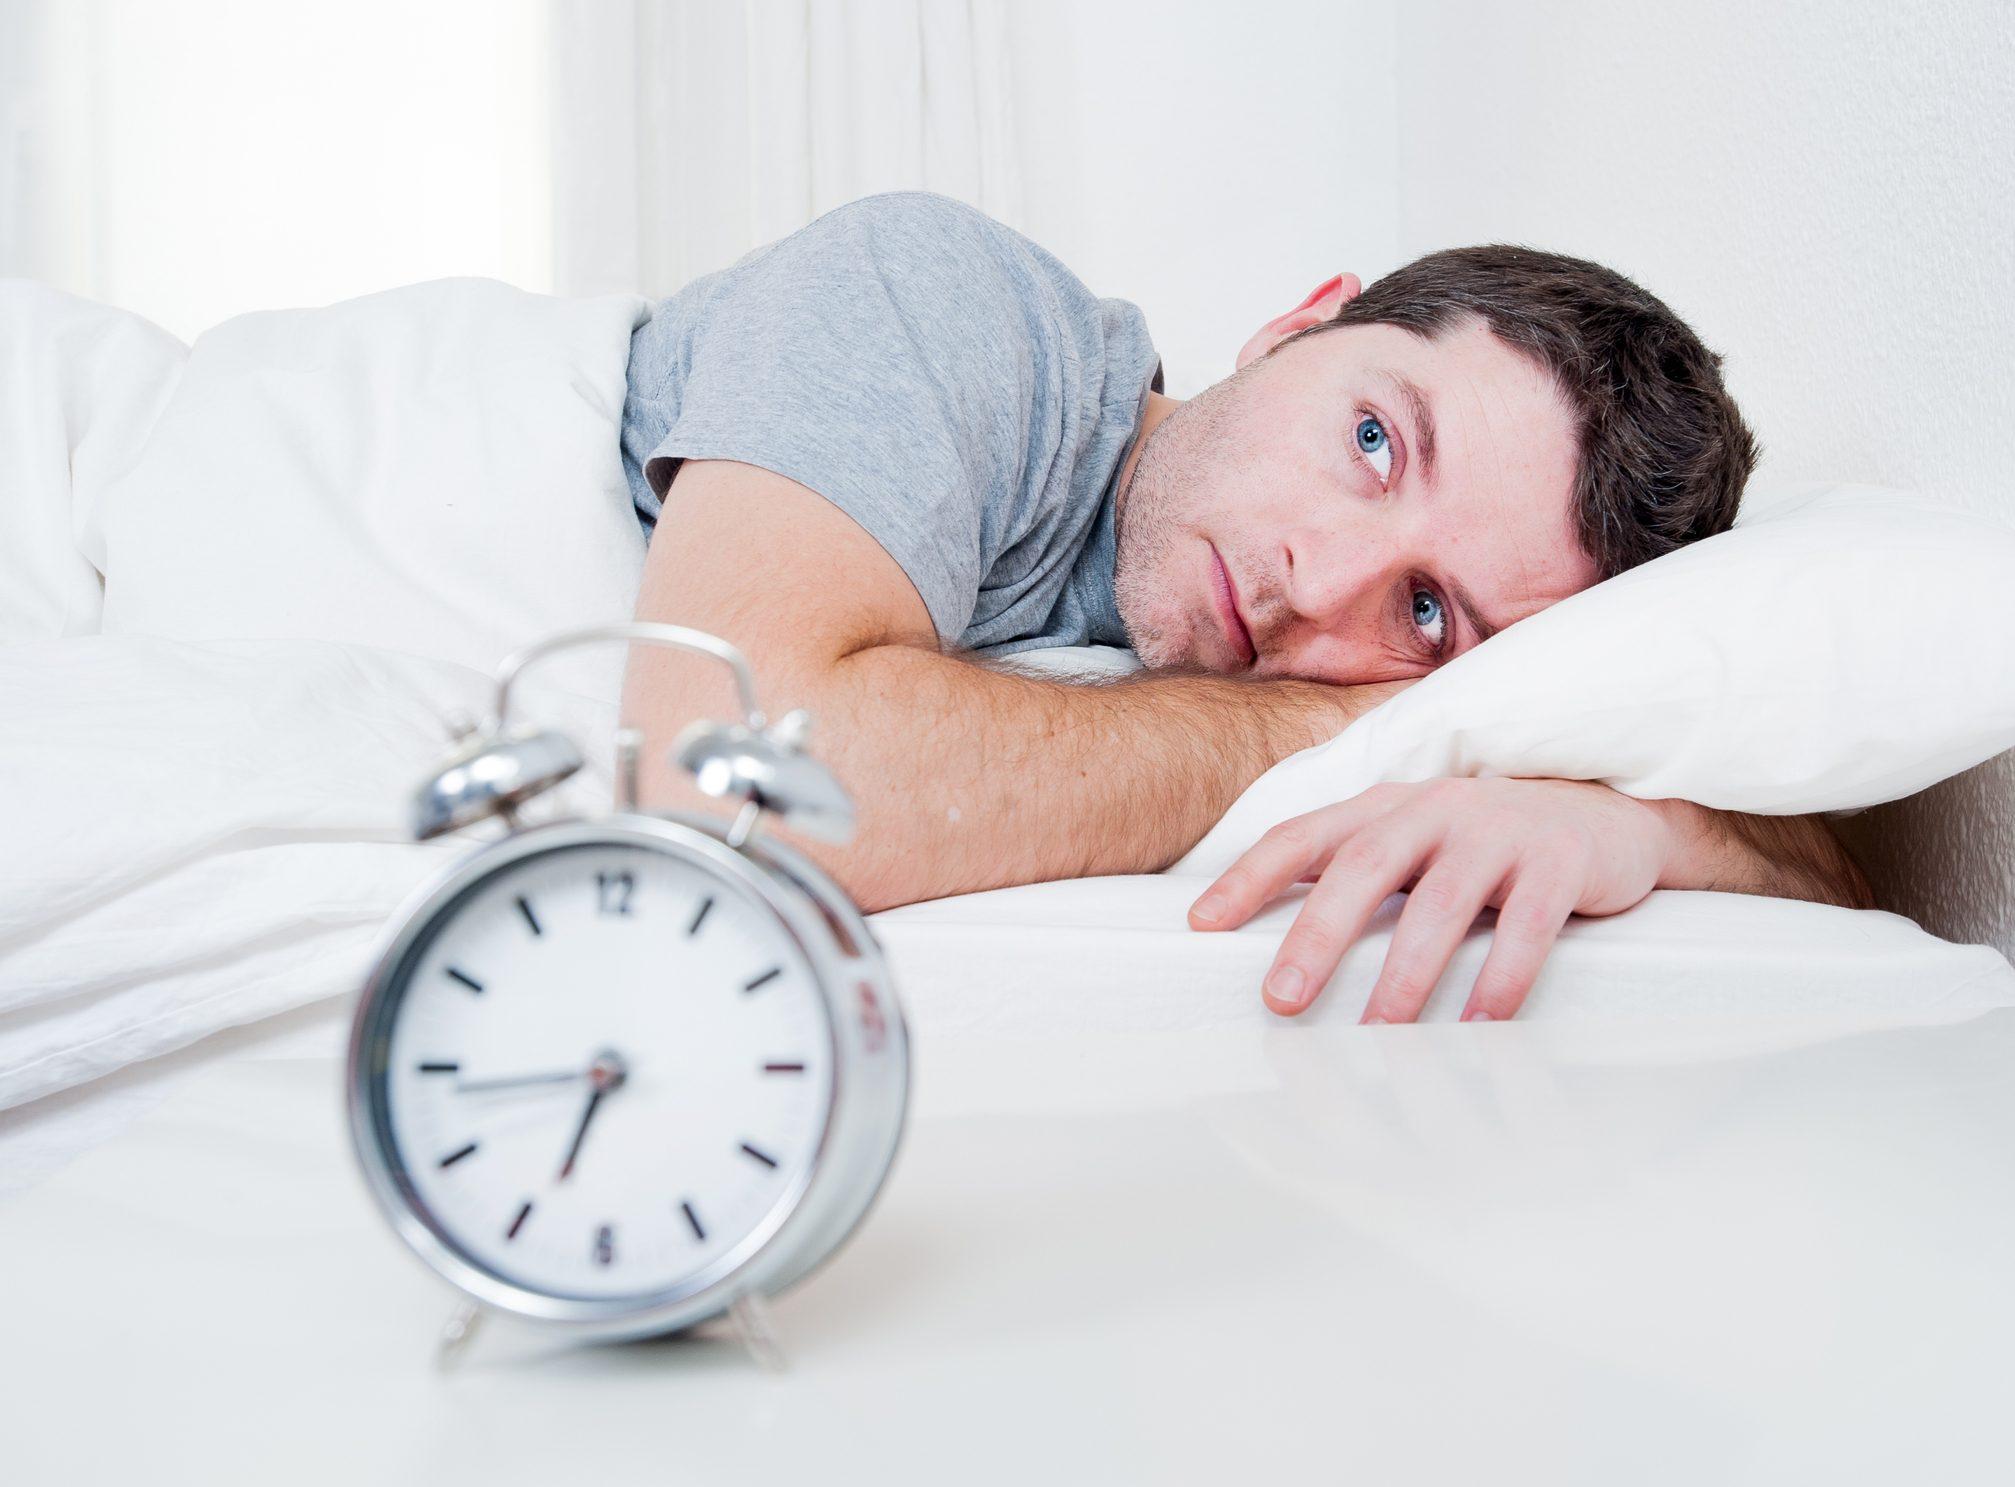 la musica per perdere peso mentre dormono